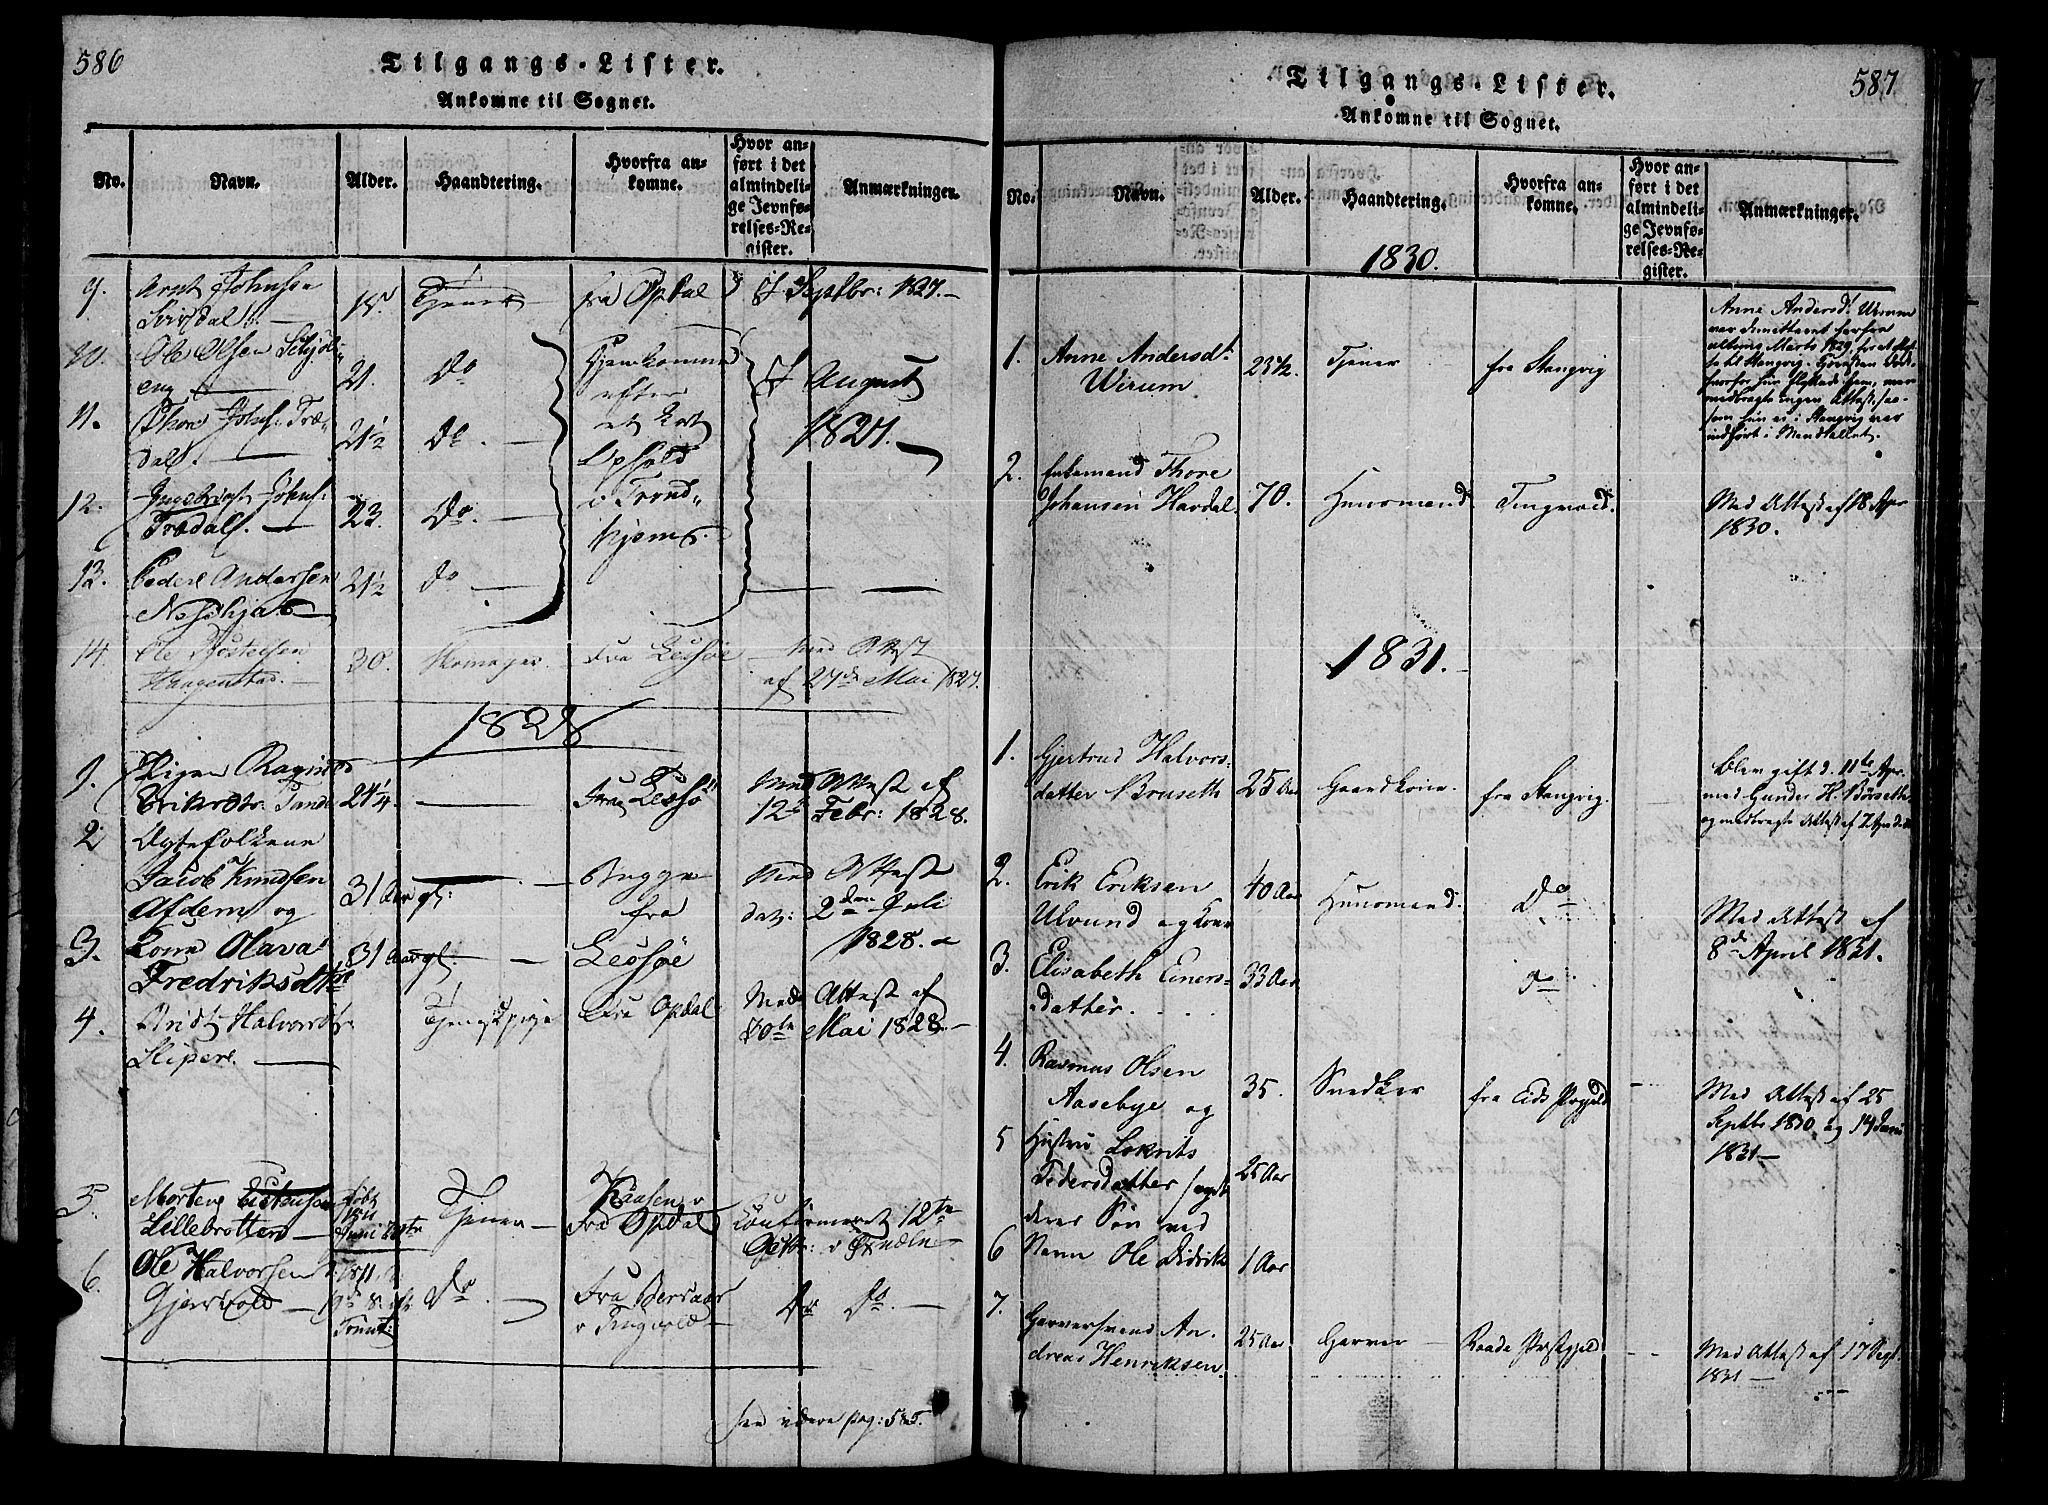 SAT, Ministerialprotokoller, klokkerbøker og fødselsregistre - Møre og Romsdal, 590/L1009: Ministerialbok nr. 590A03 /1, 1819-1832, s. 586-587